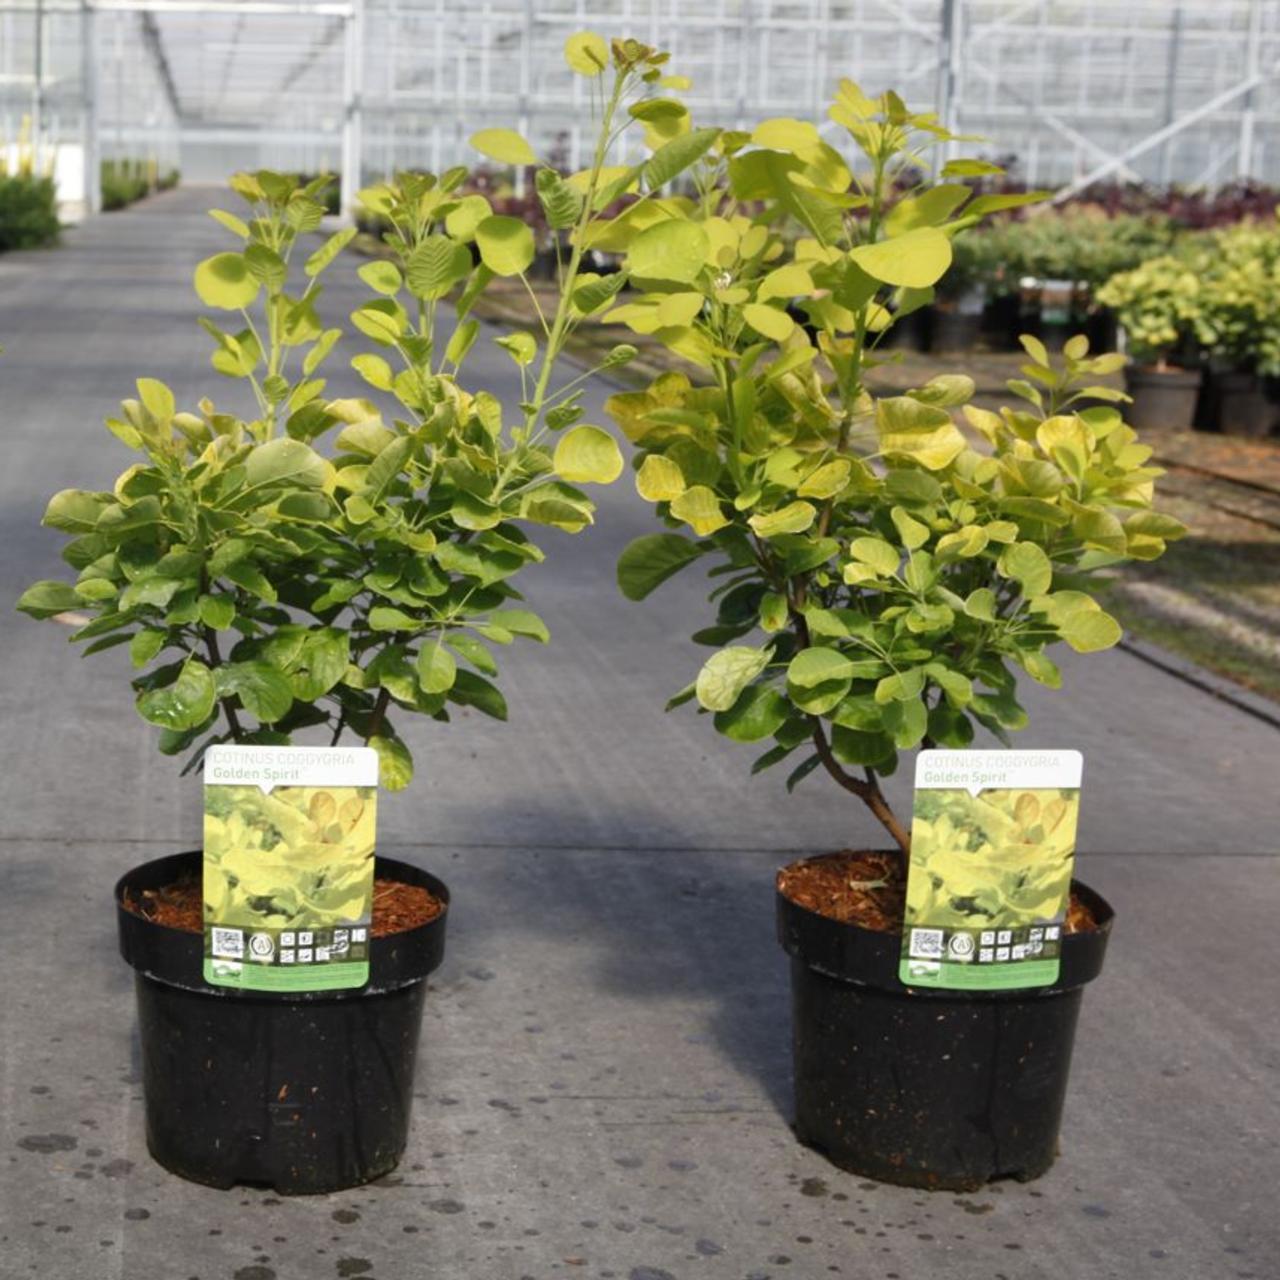 Cotinus coggygria 'Golden Spirit' plant